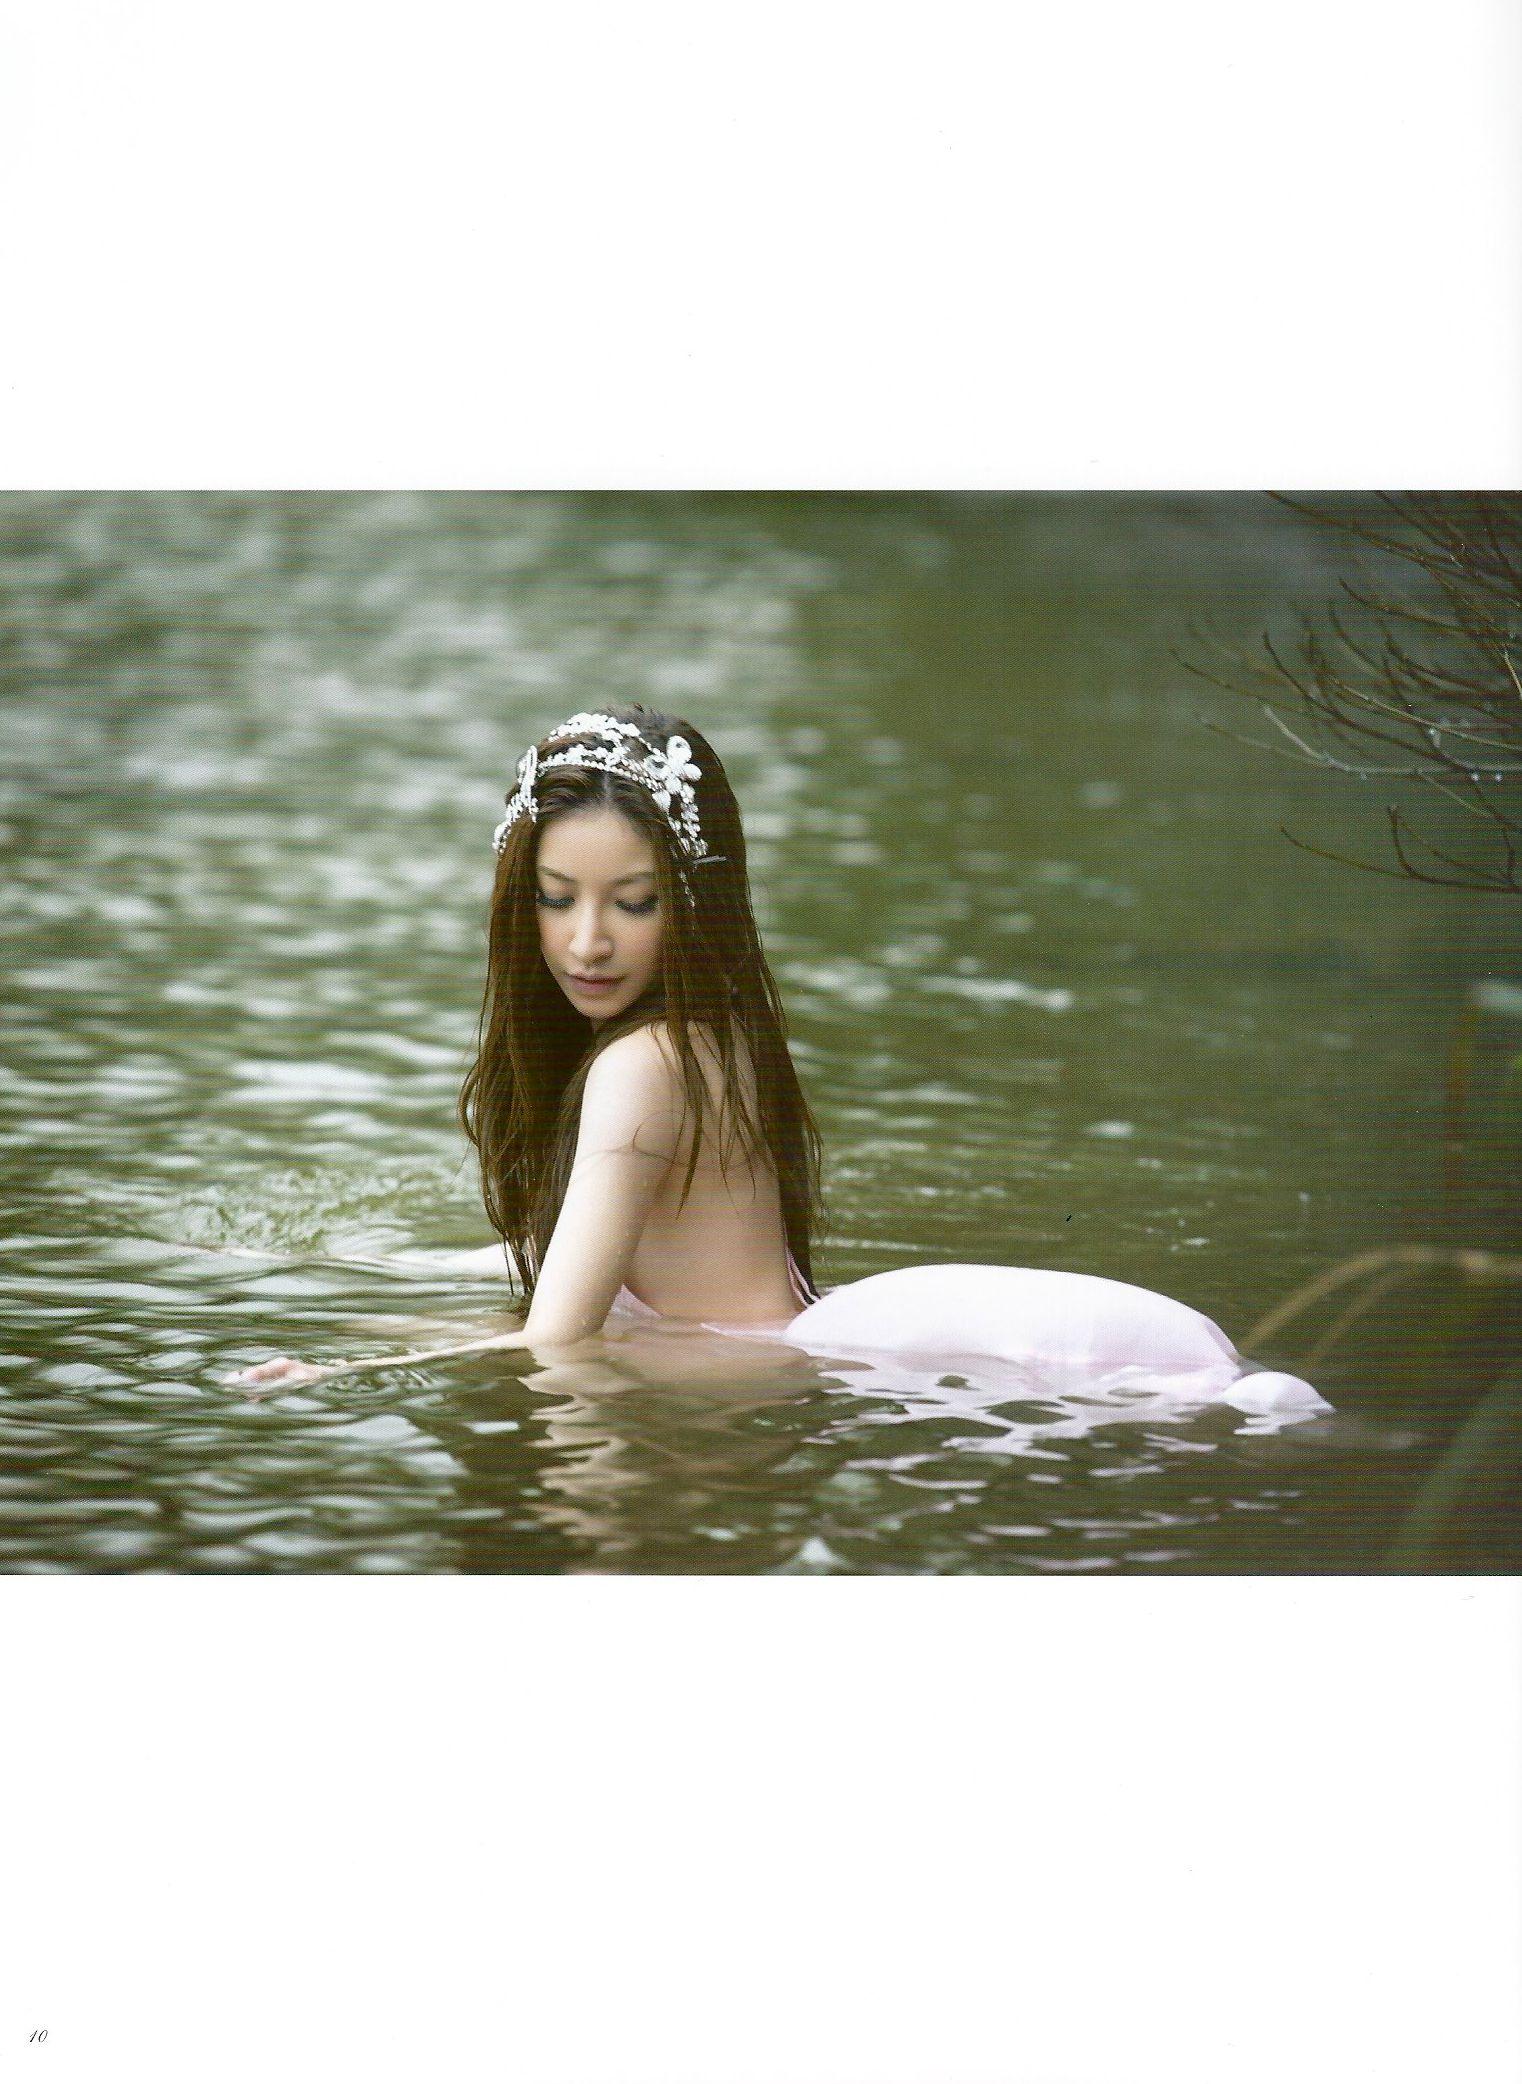 VOL.503 [网络美女]嫩模惊艳B罩杯美女:许维恩(Sharon)高品质写真套图(97P)